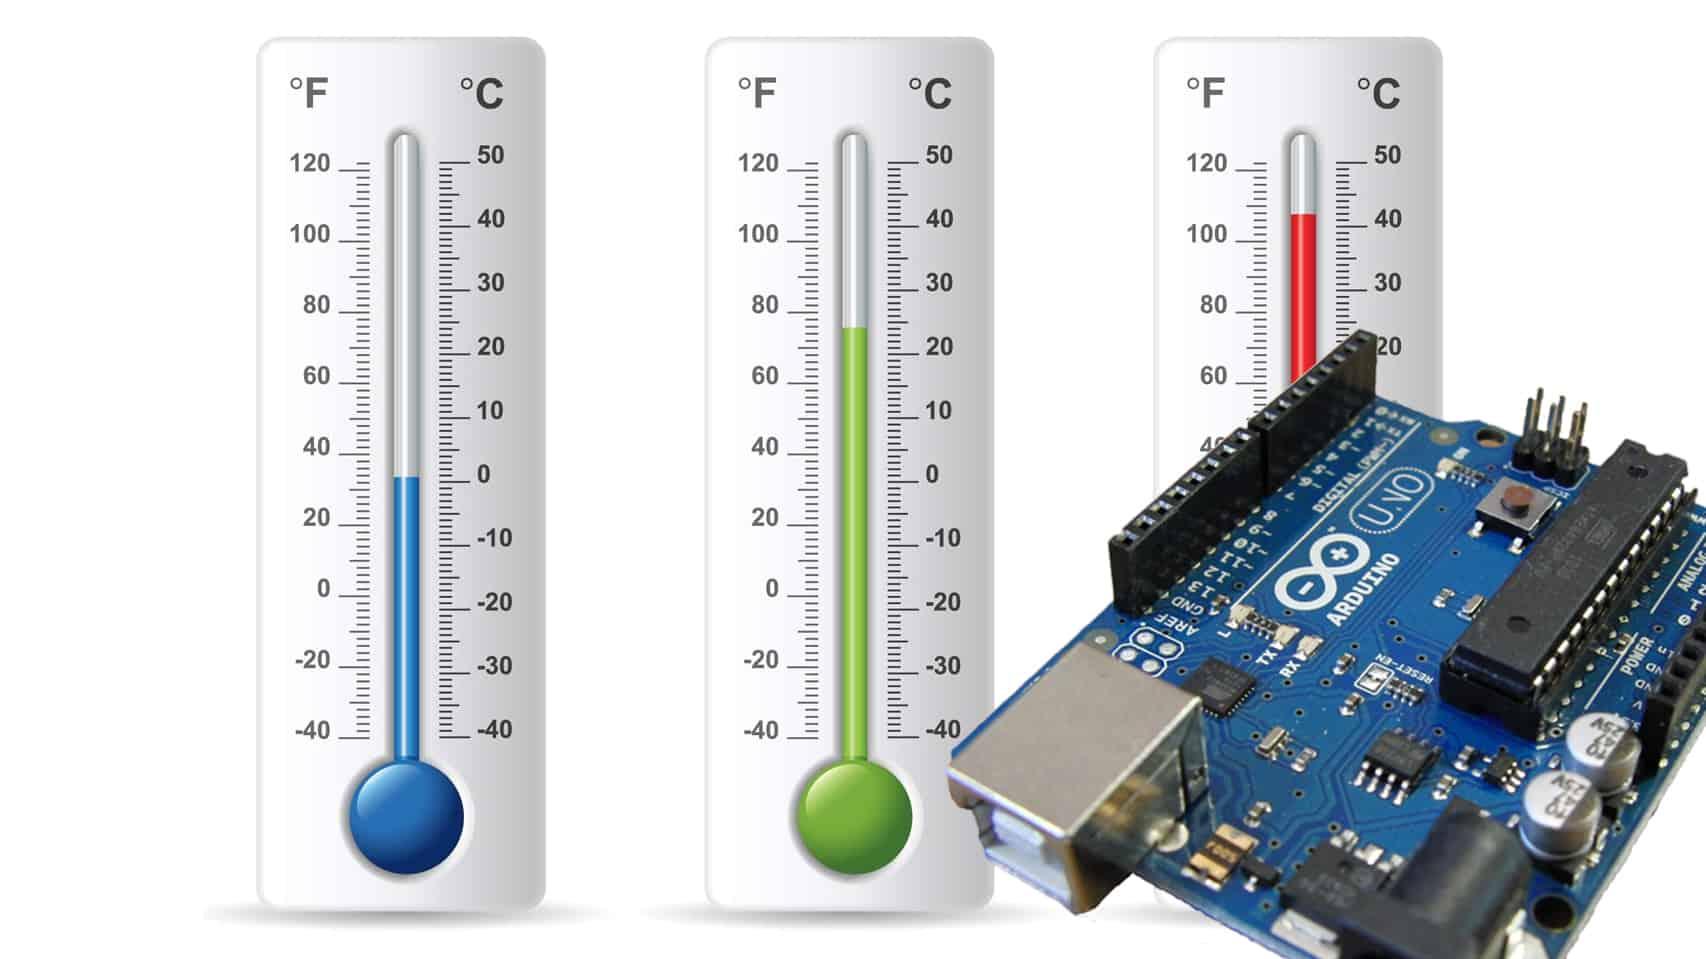 Arduino Celsius to Fahrenheit